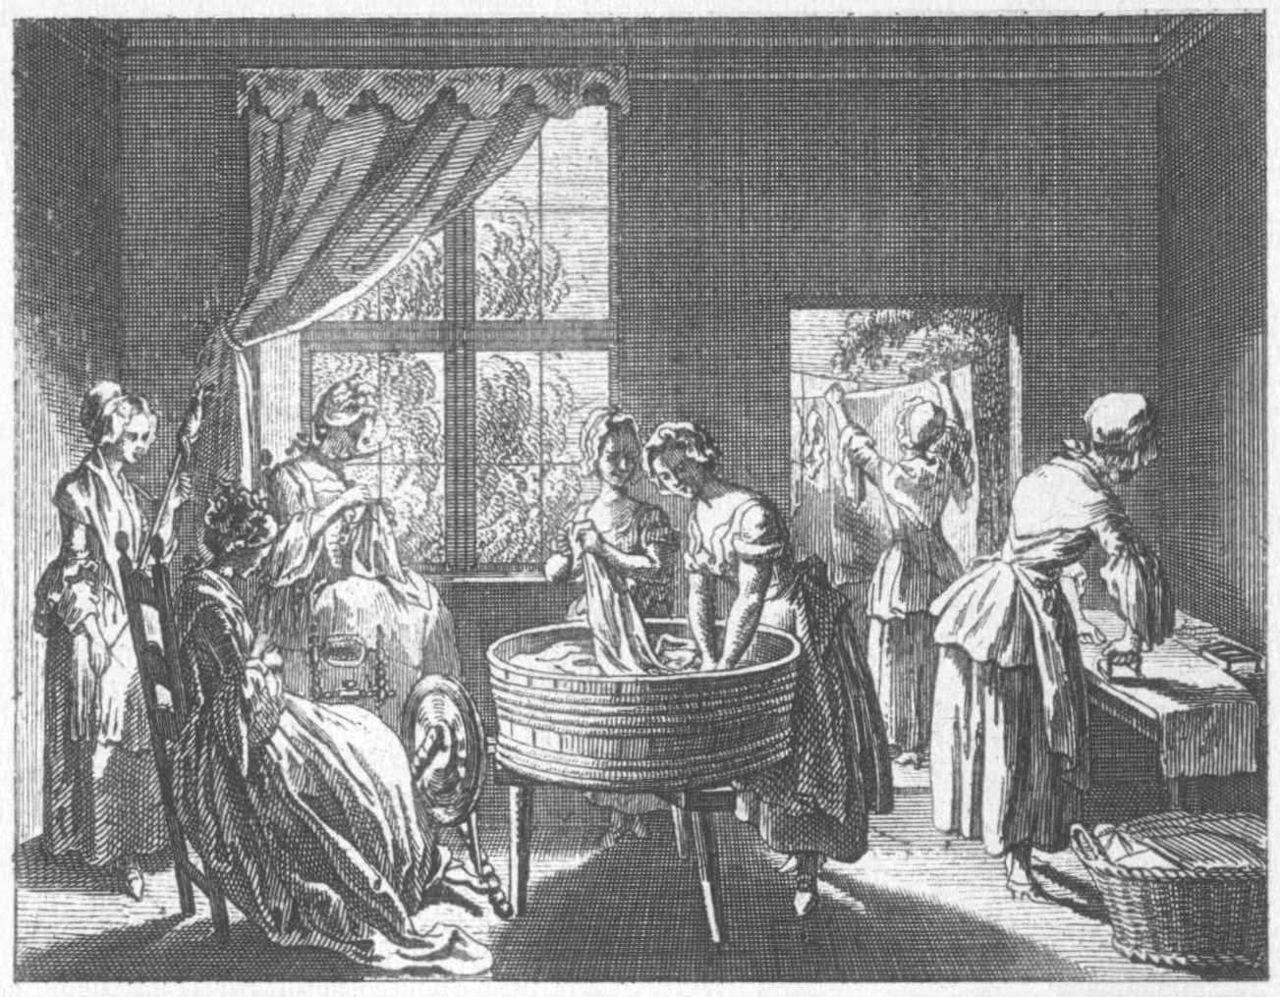 Frauenzimmer, 1774